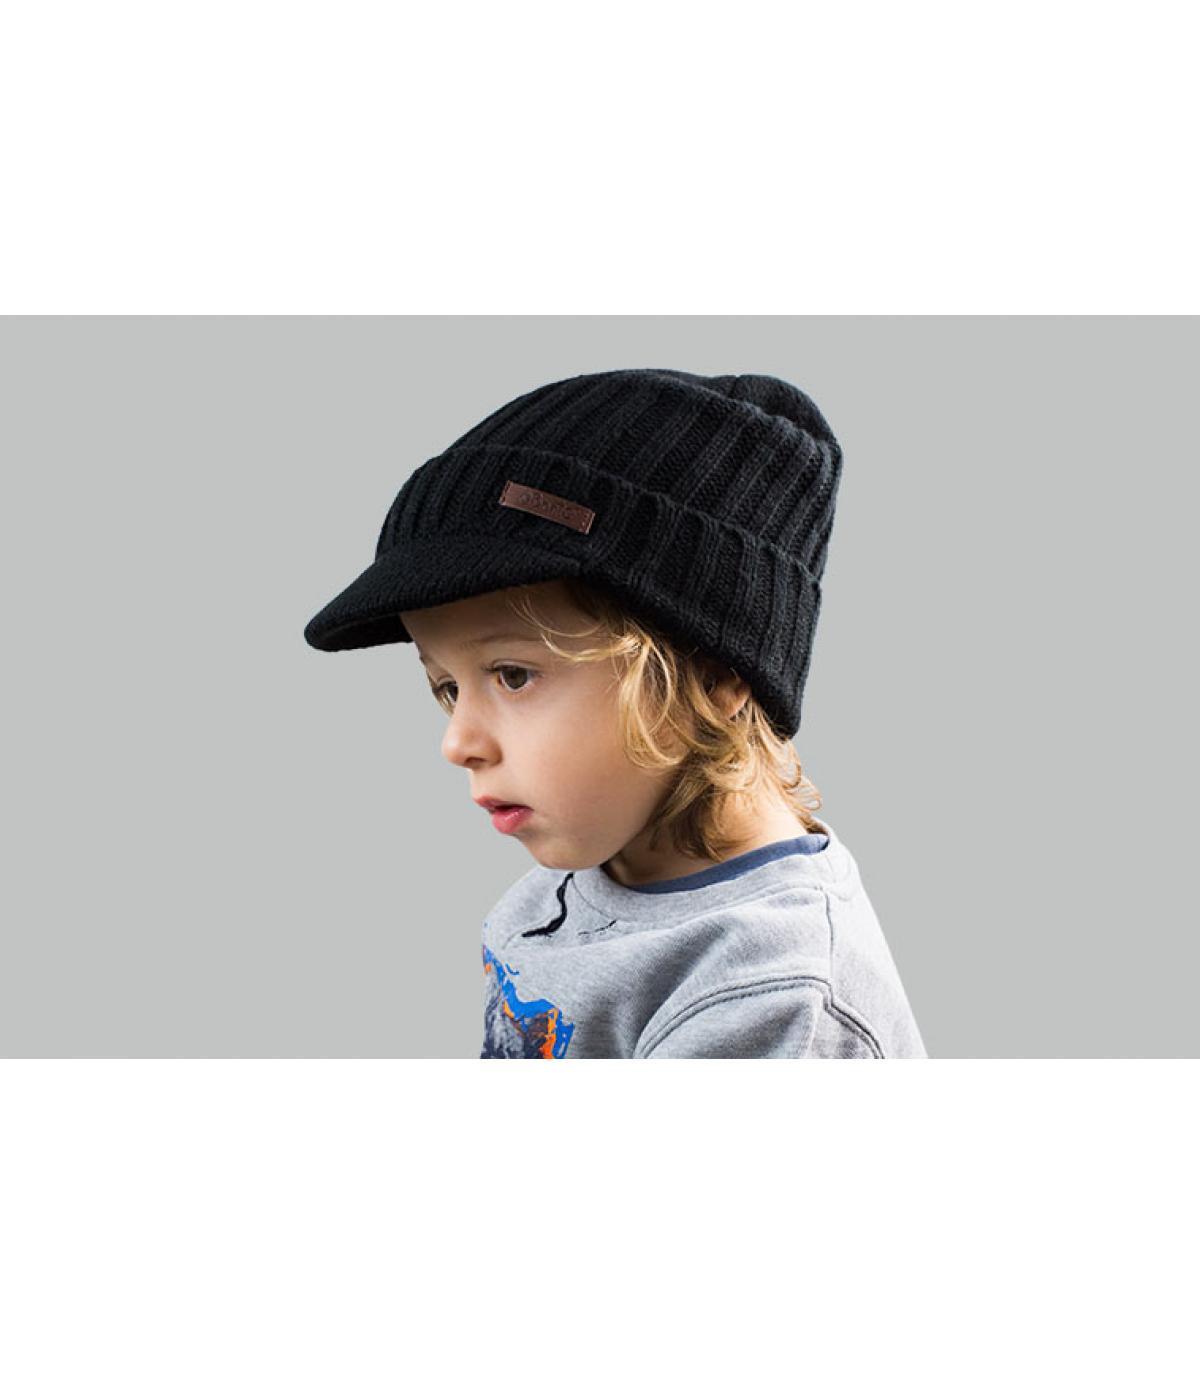 zwarte kindervizier hoed